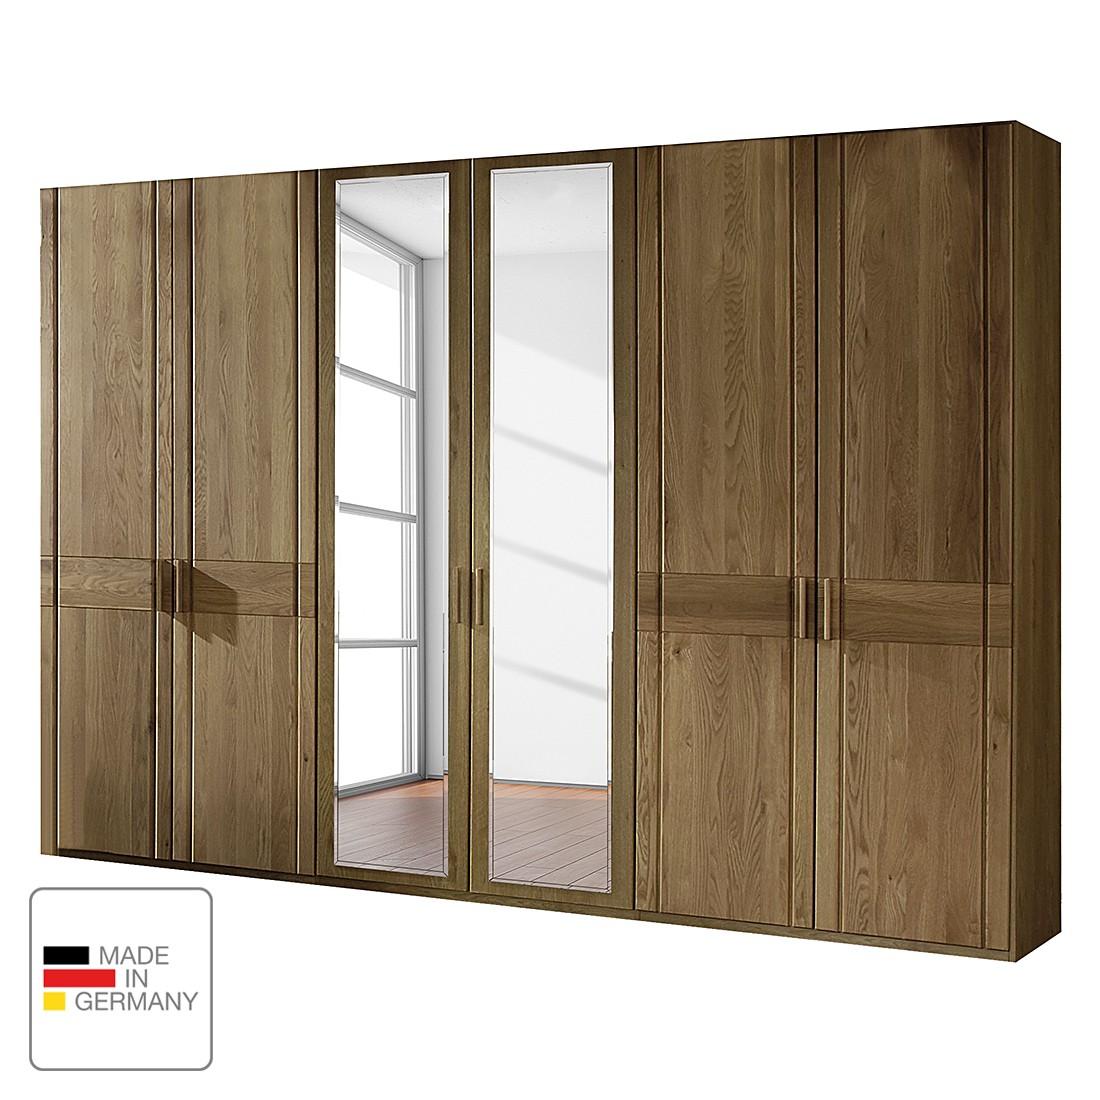 goedkoop Draaideurkast Münster deels massief eikenhout Zonder verlichting 350cm 7 deurs 3 spiegeldeuren Zonder kroonlijst Wiemann